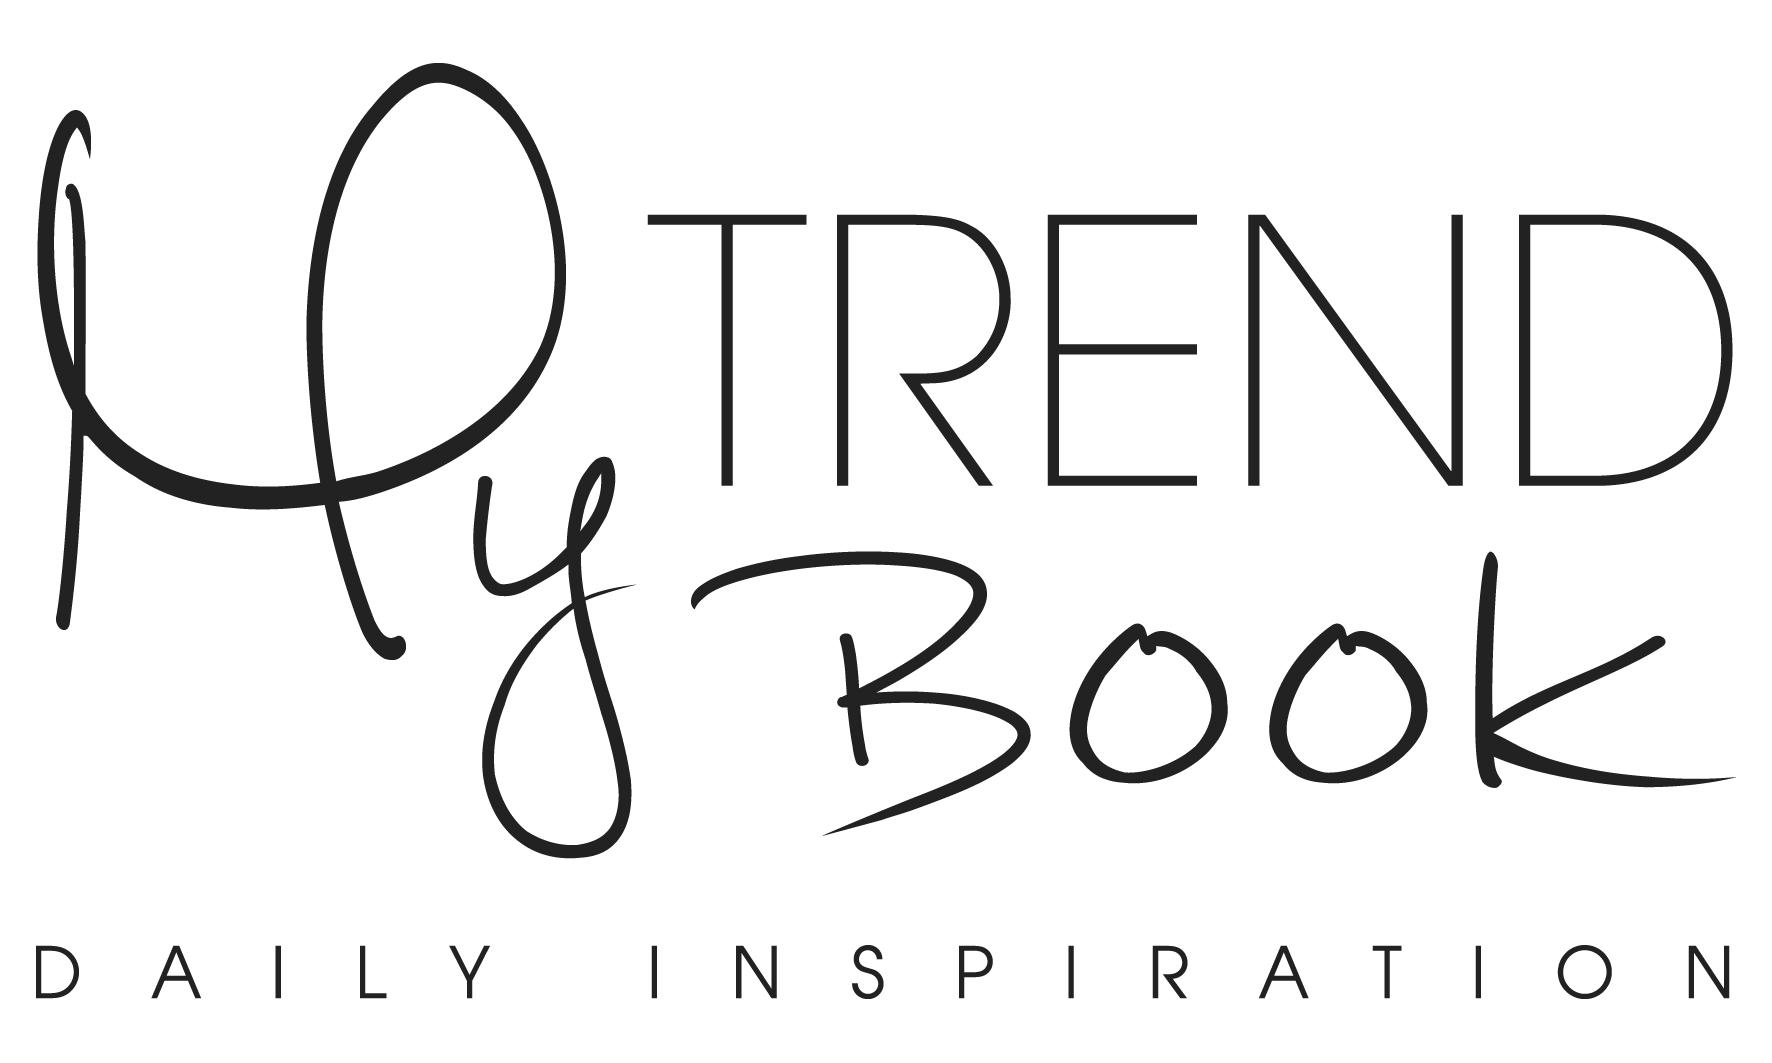 Cahier de tendances créateurs - Mode, beauté, lifestyle, kids, interviews.